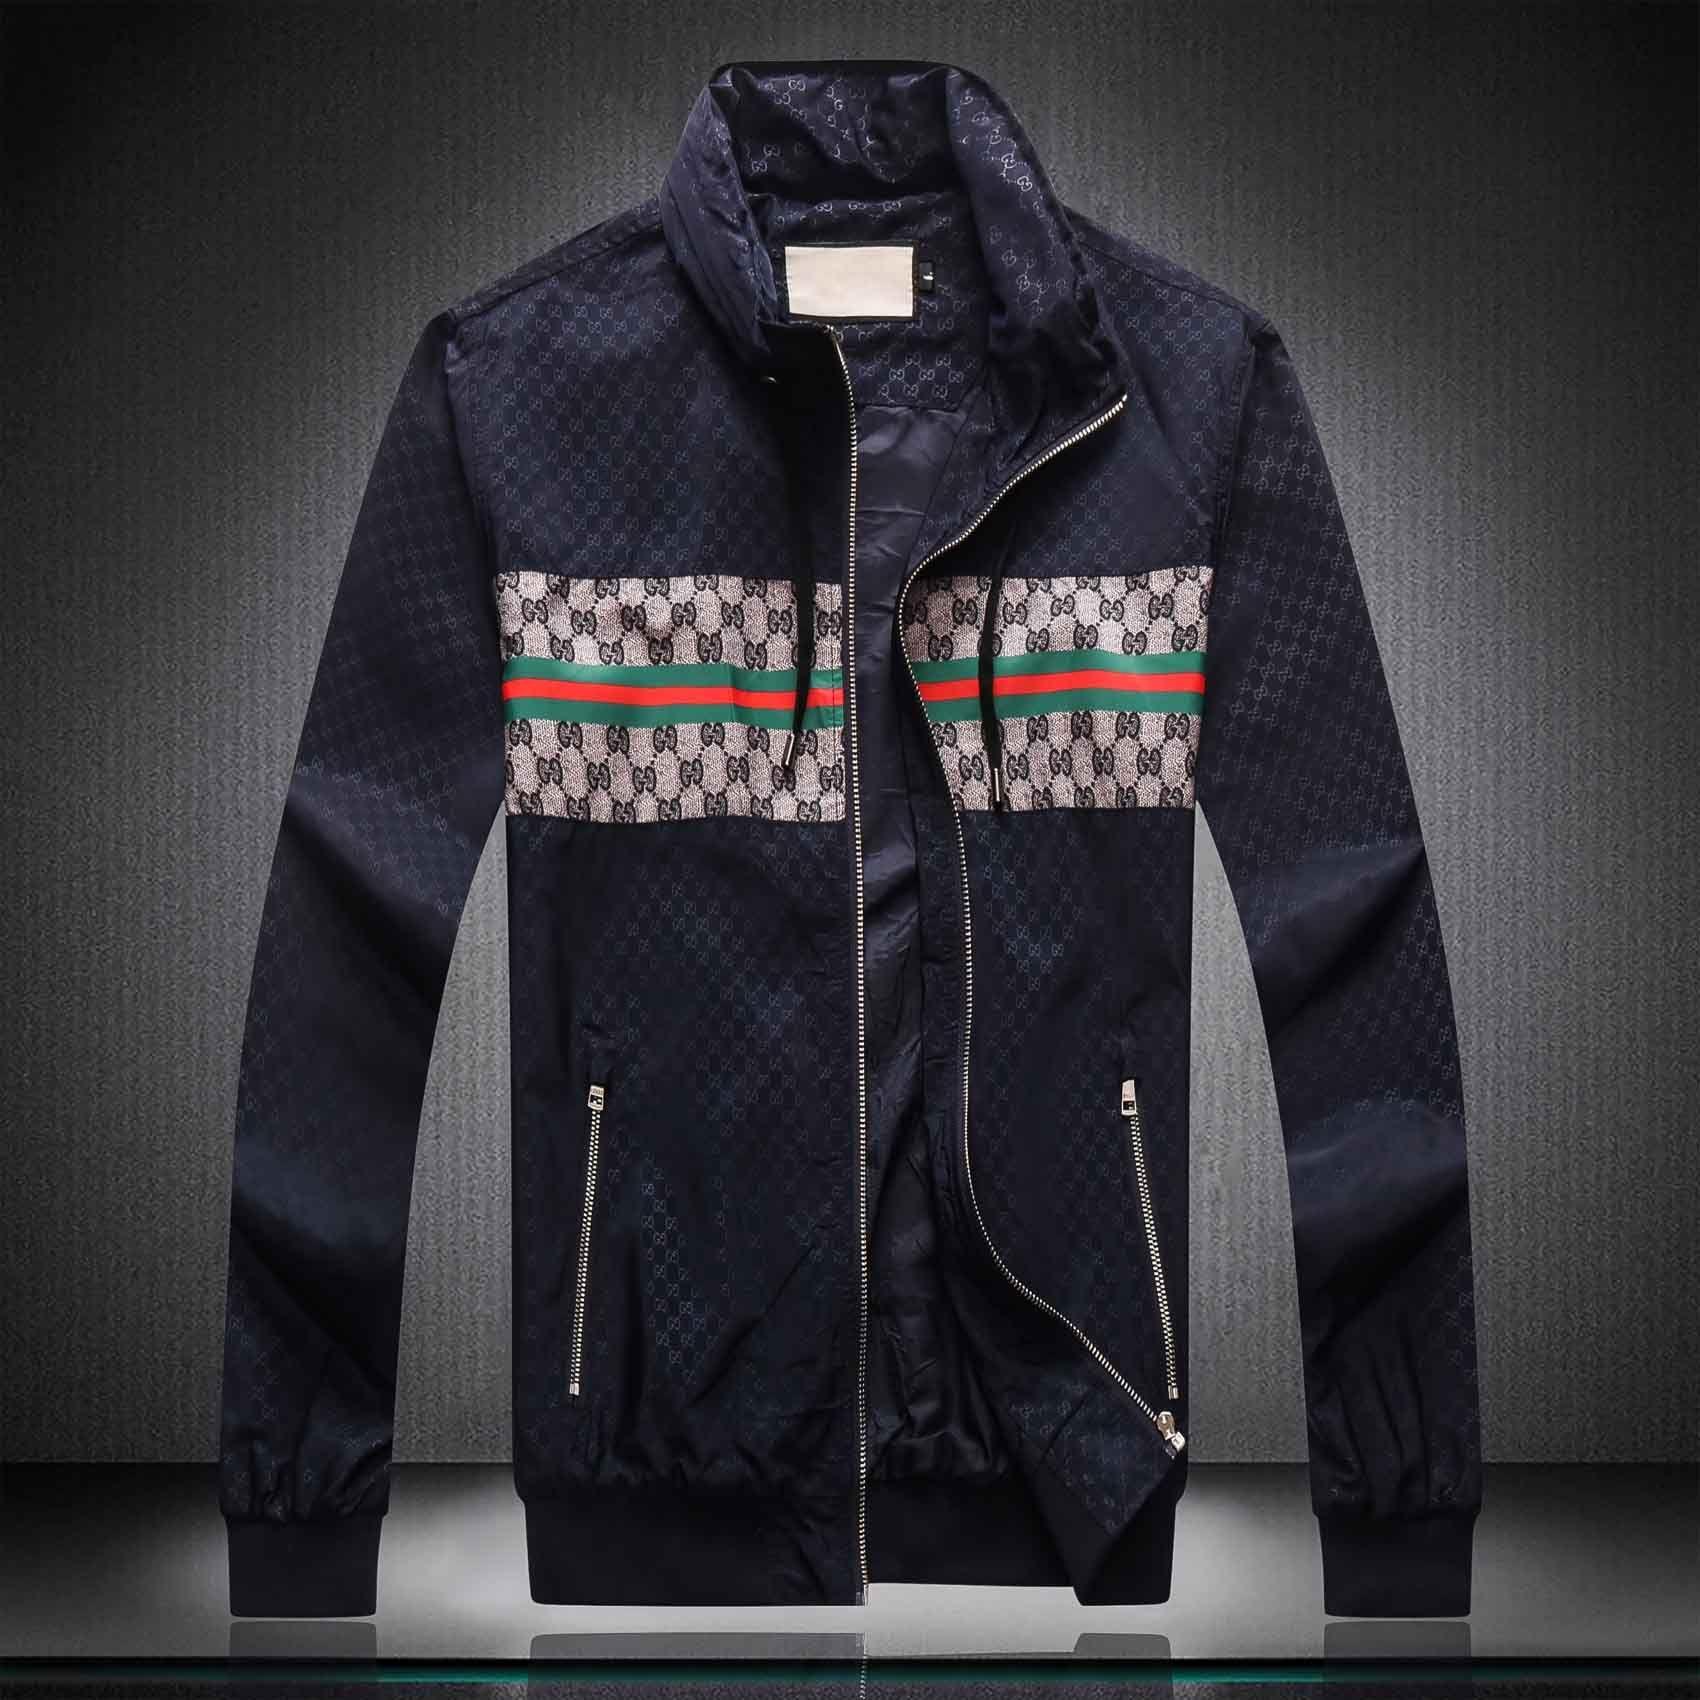 Luxo Mens Casacos Casacos Moda Jacket com capuz Casual Com Letras Windbreaker Jacket Men Hoodies For Men Esporte Jackets Roupa 2020SS